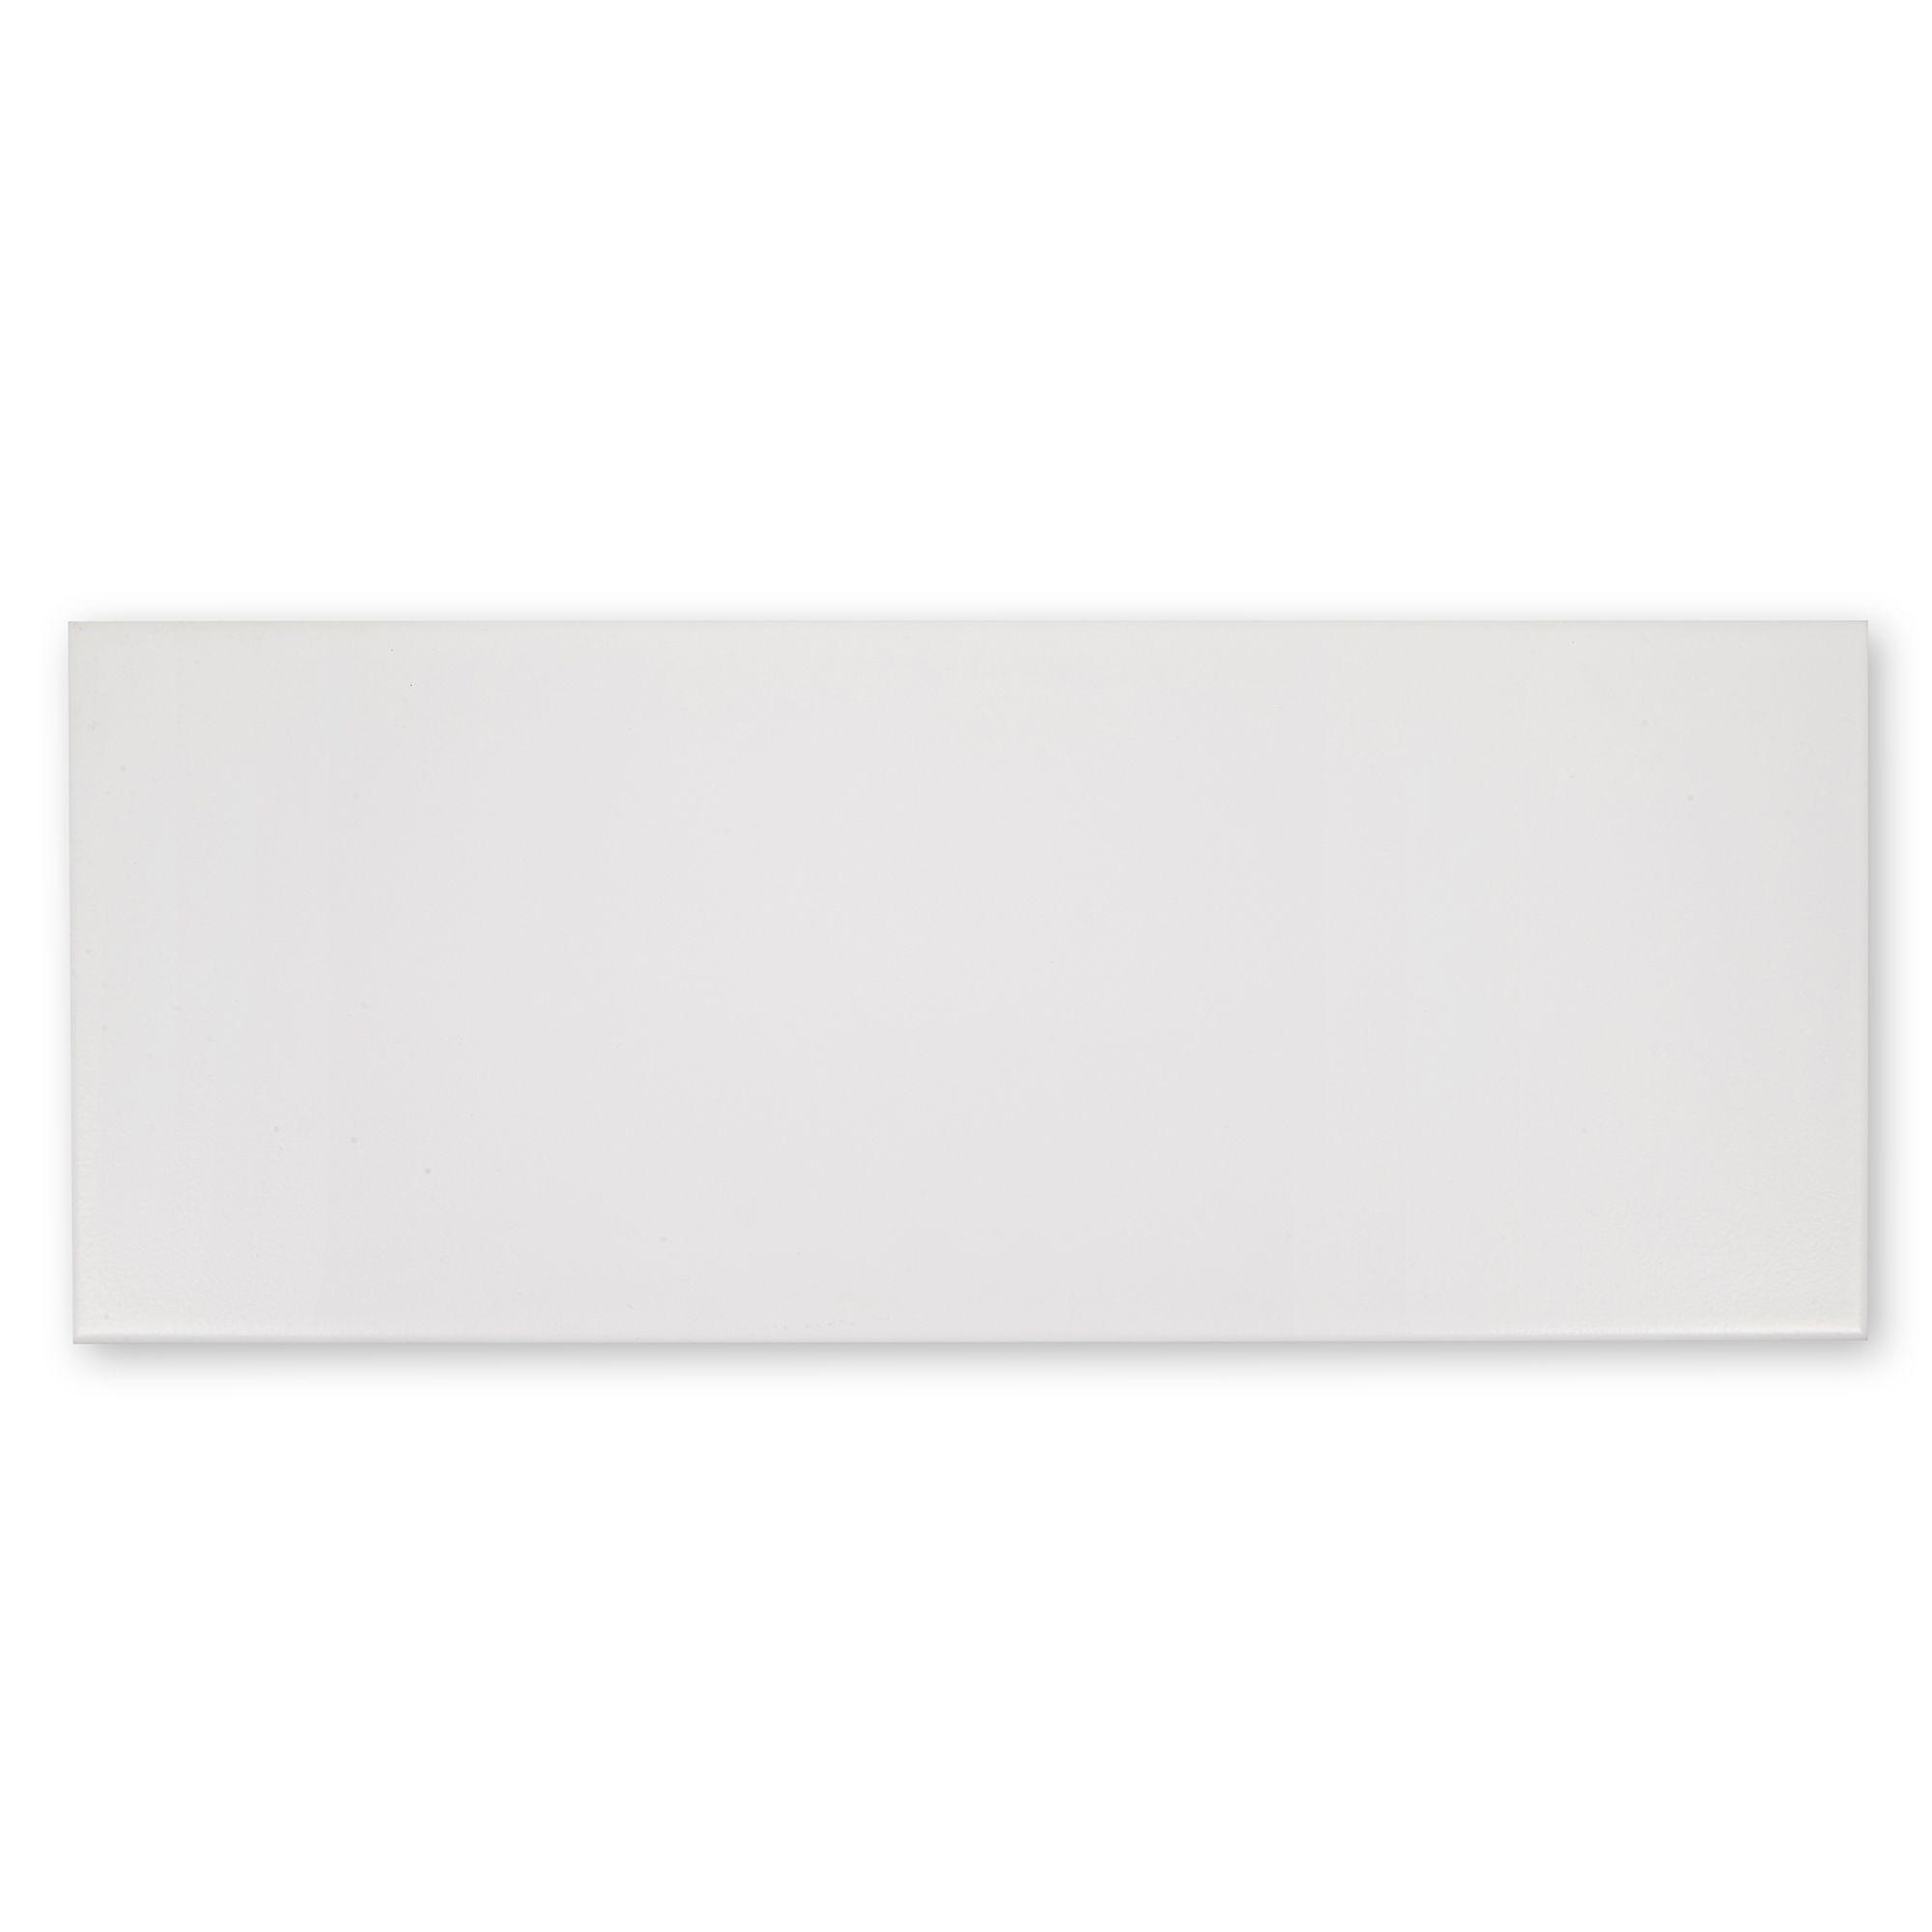 Bilbao Gloss White